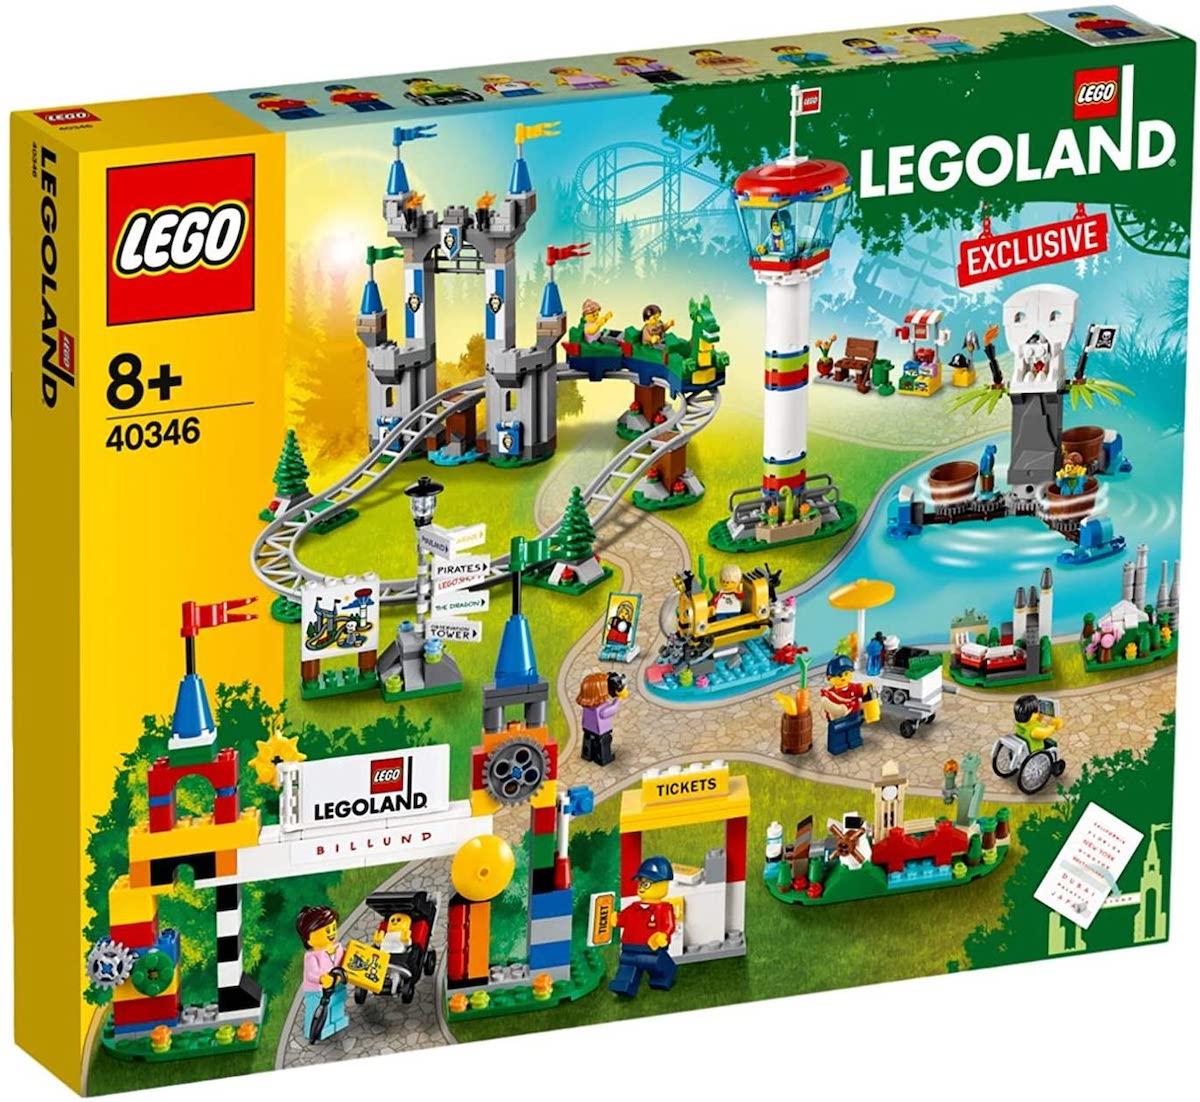 box of lego landland building set